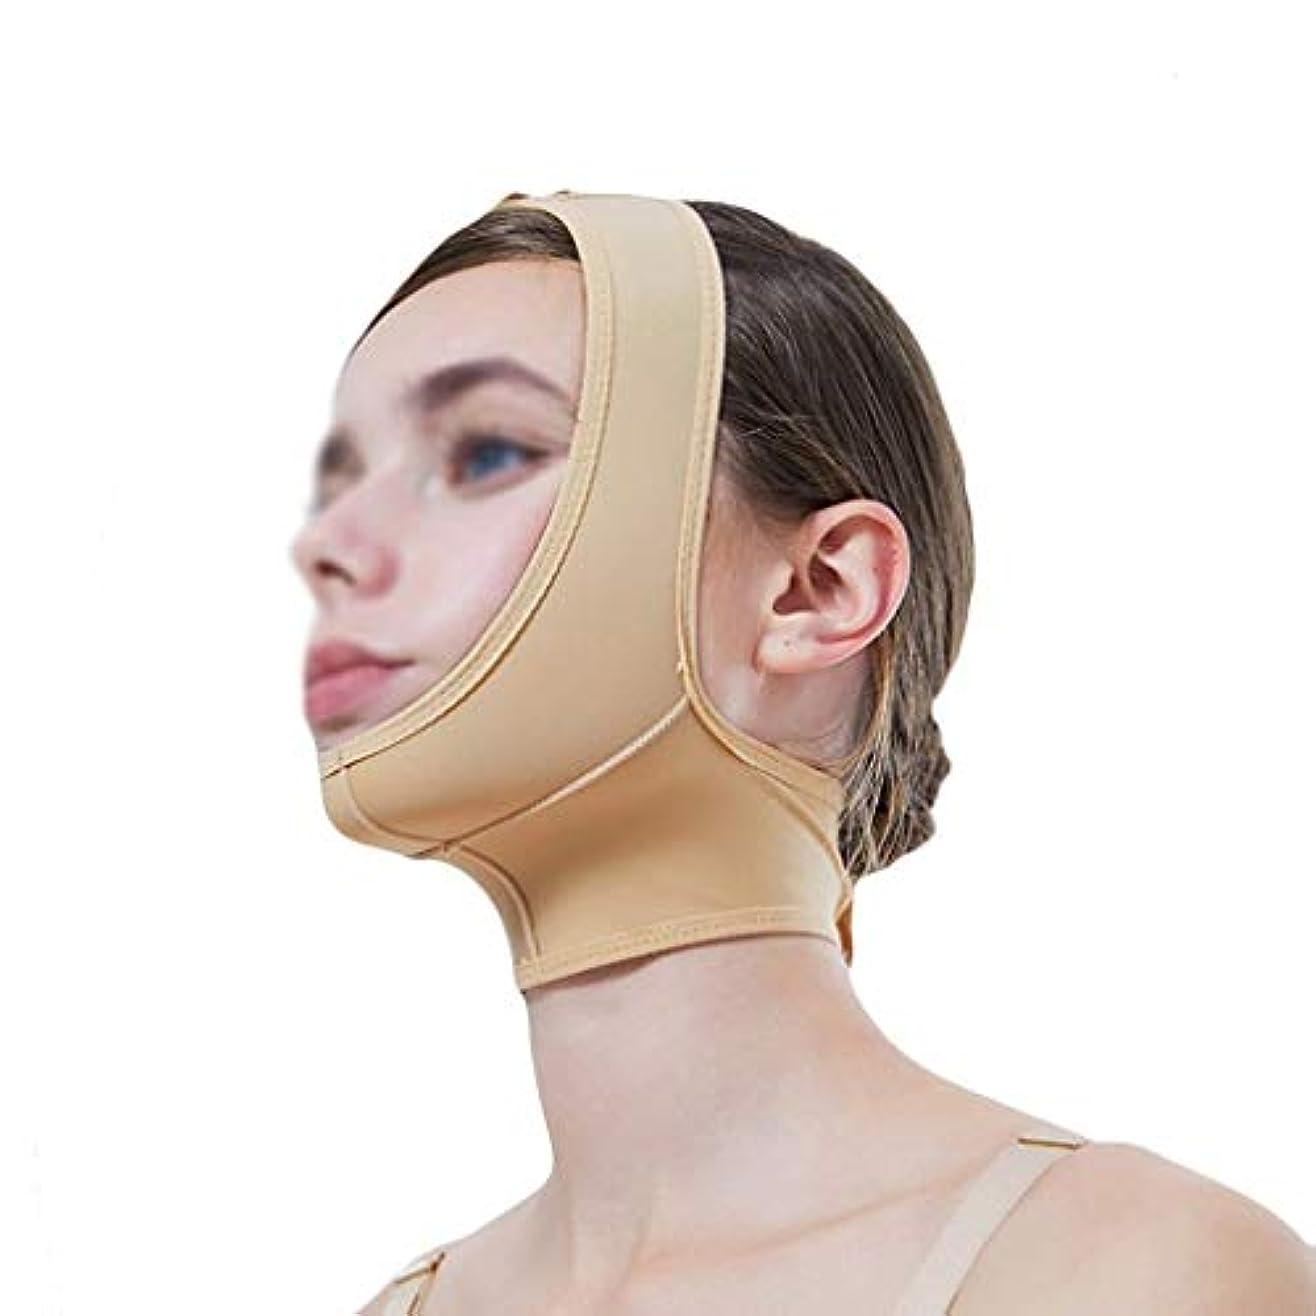 電気ピグマリオン悪魔マスク、超薄型ベルト、フェイスリフティングに適し、フェイスリフティング、通気性包帯、あご取りベルト、超薄型ベルト、通気性(サイズ:XL),L